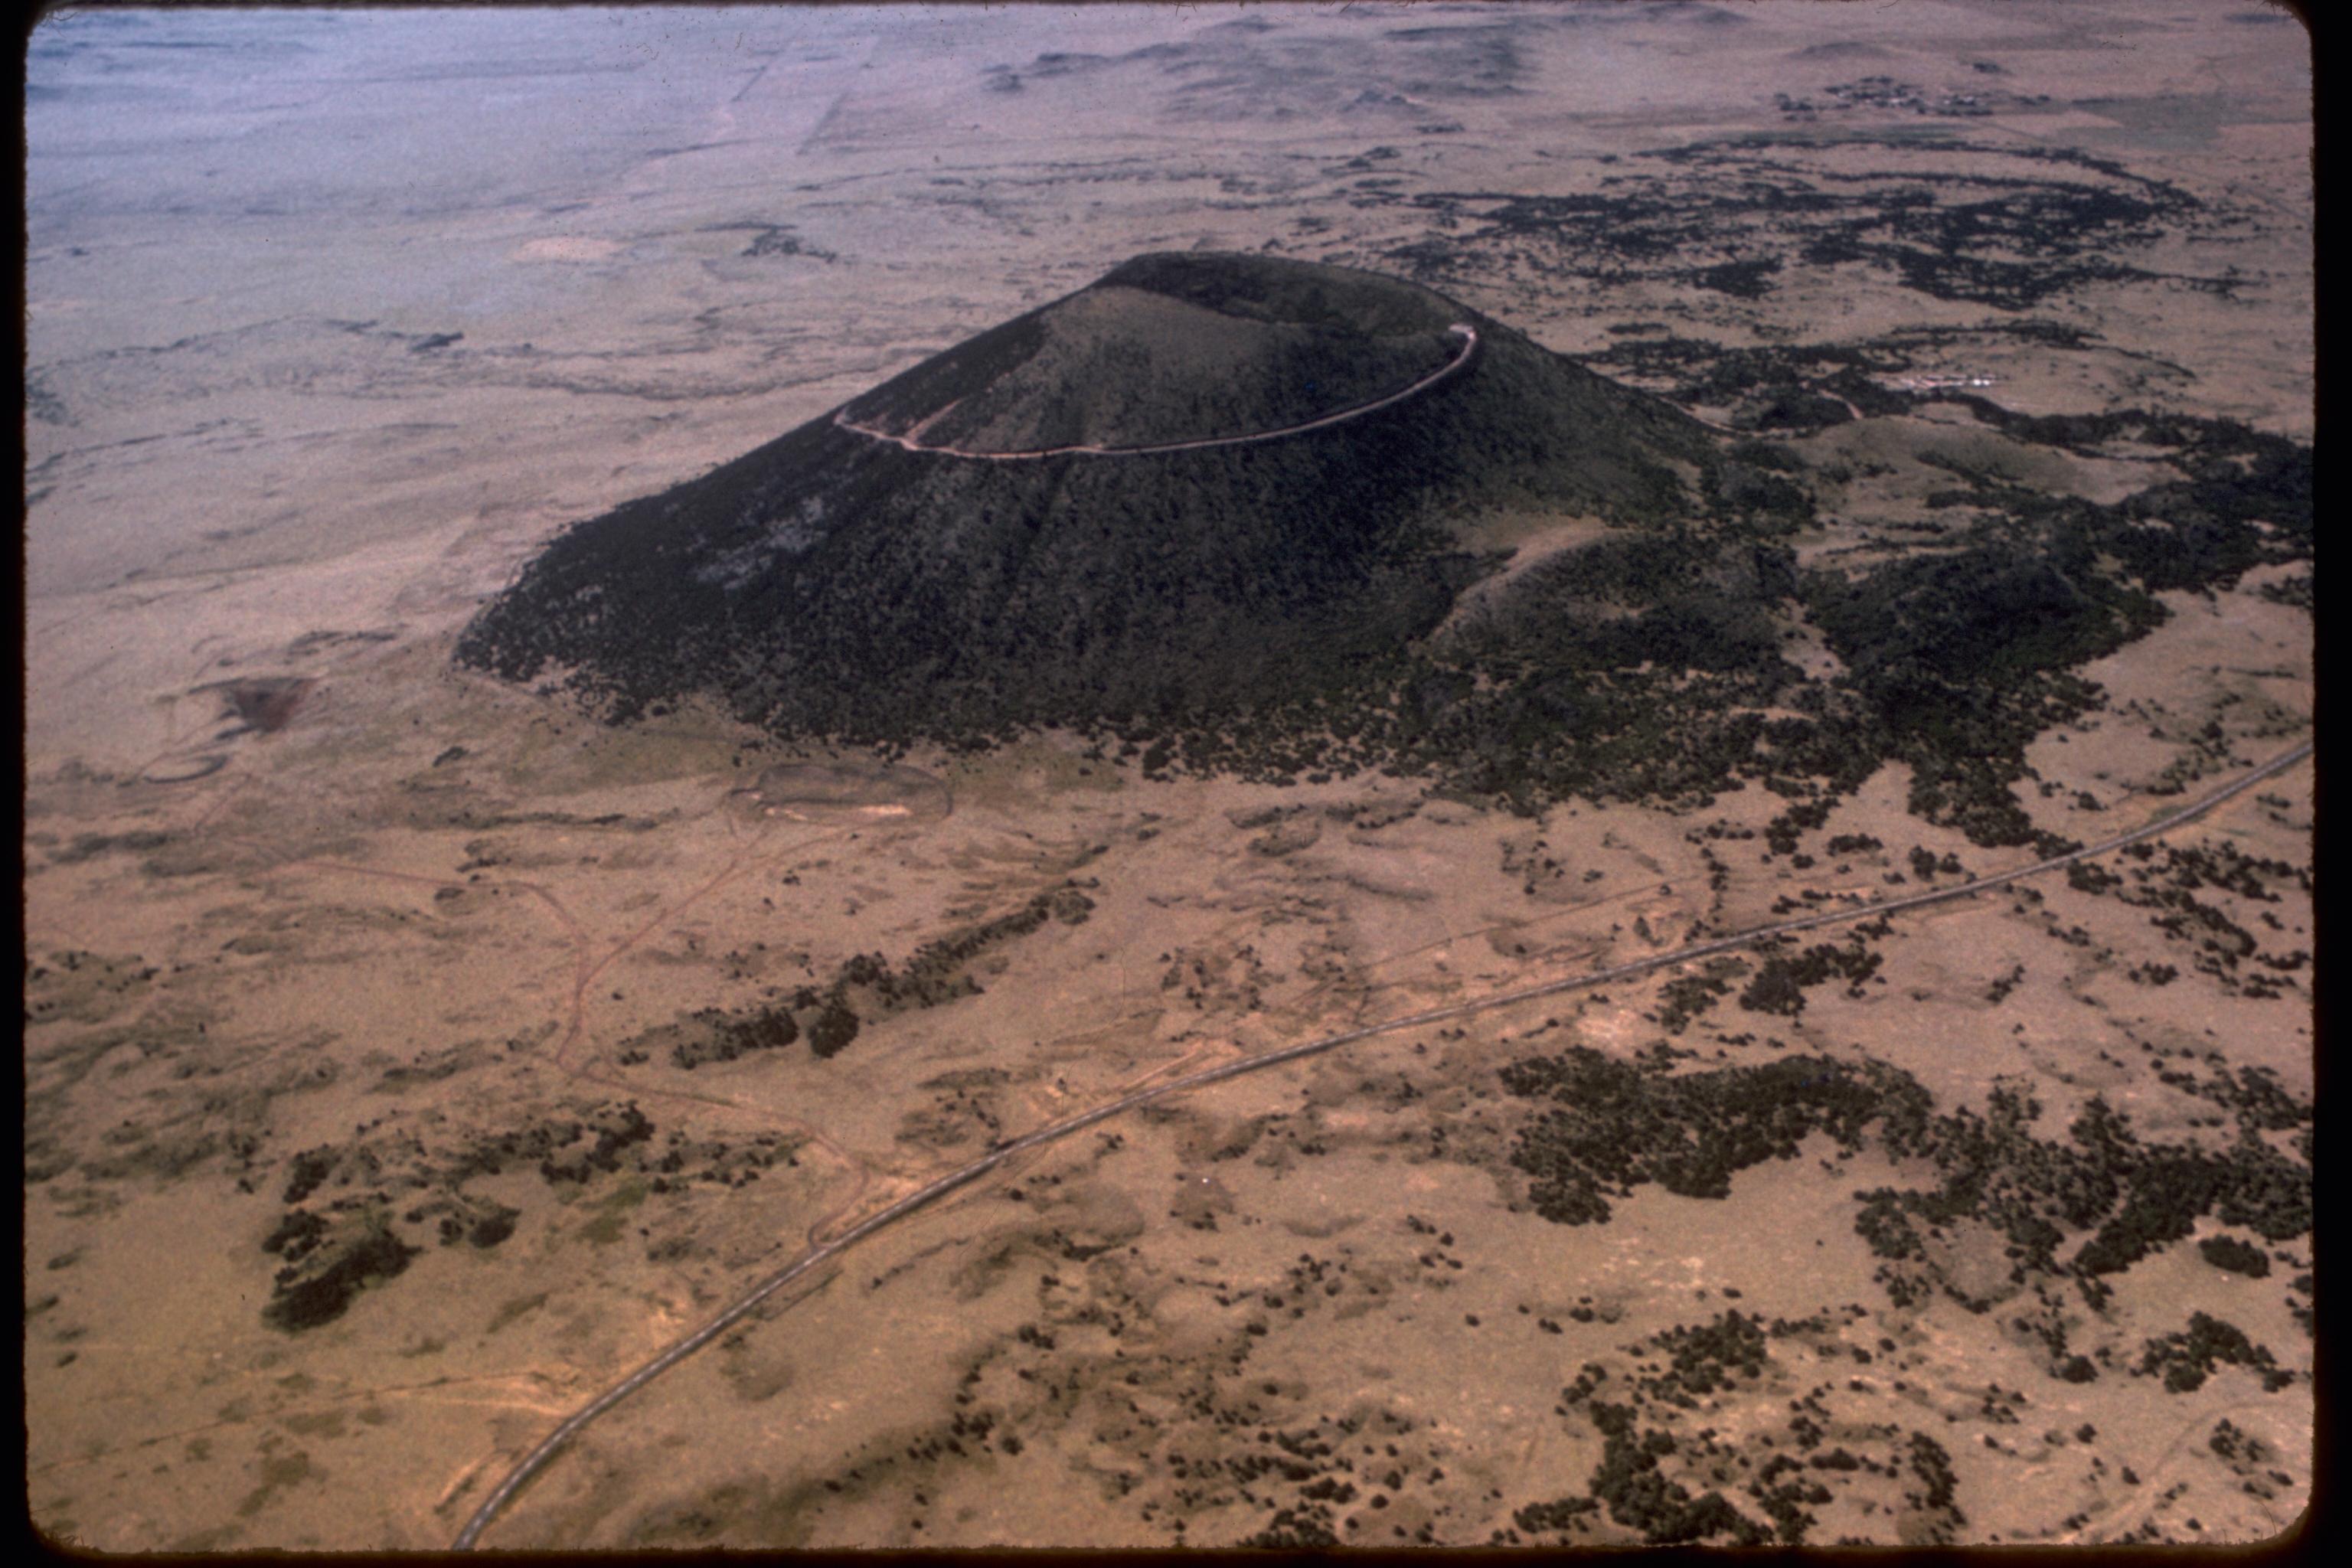 File:Capulin Volcano National Park CAVO1268.jpg - Wikimedia Commons: commons.wikimedia.org/wiki/file:capulin_volcano_national_park...